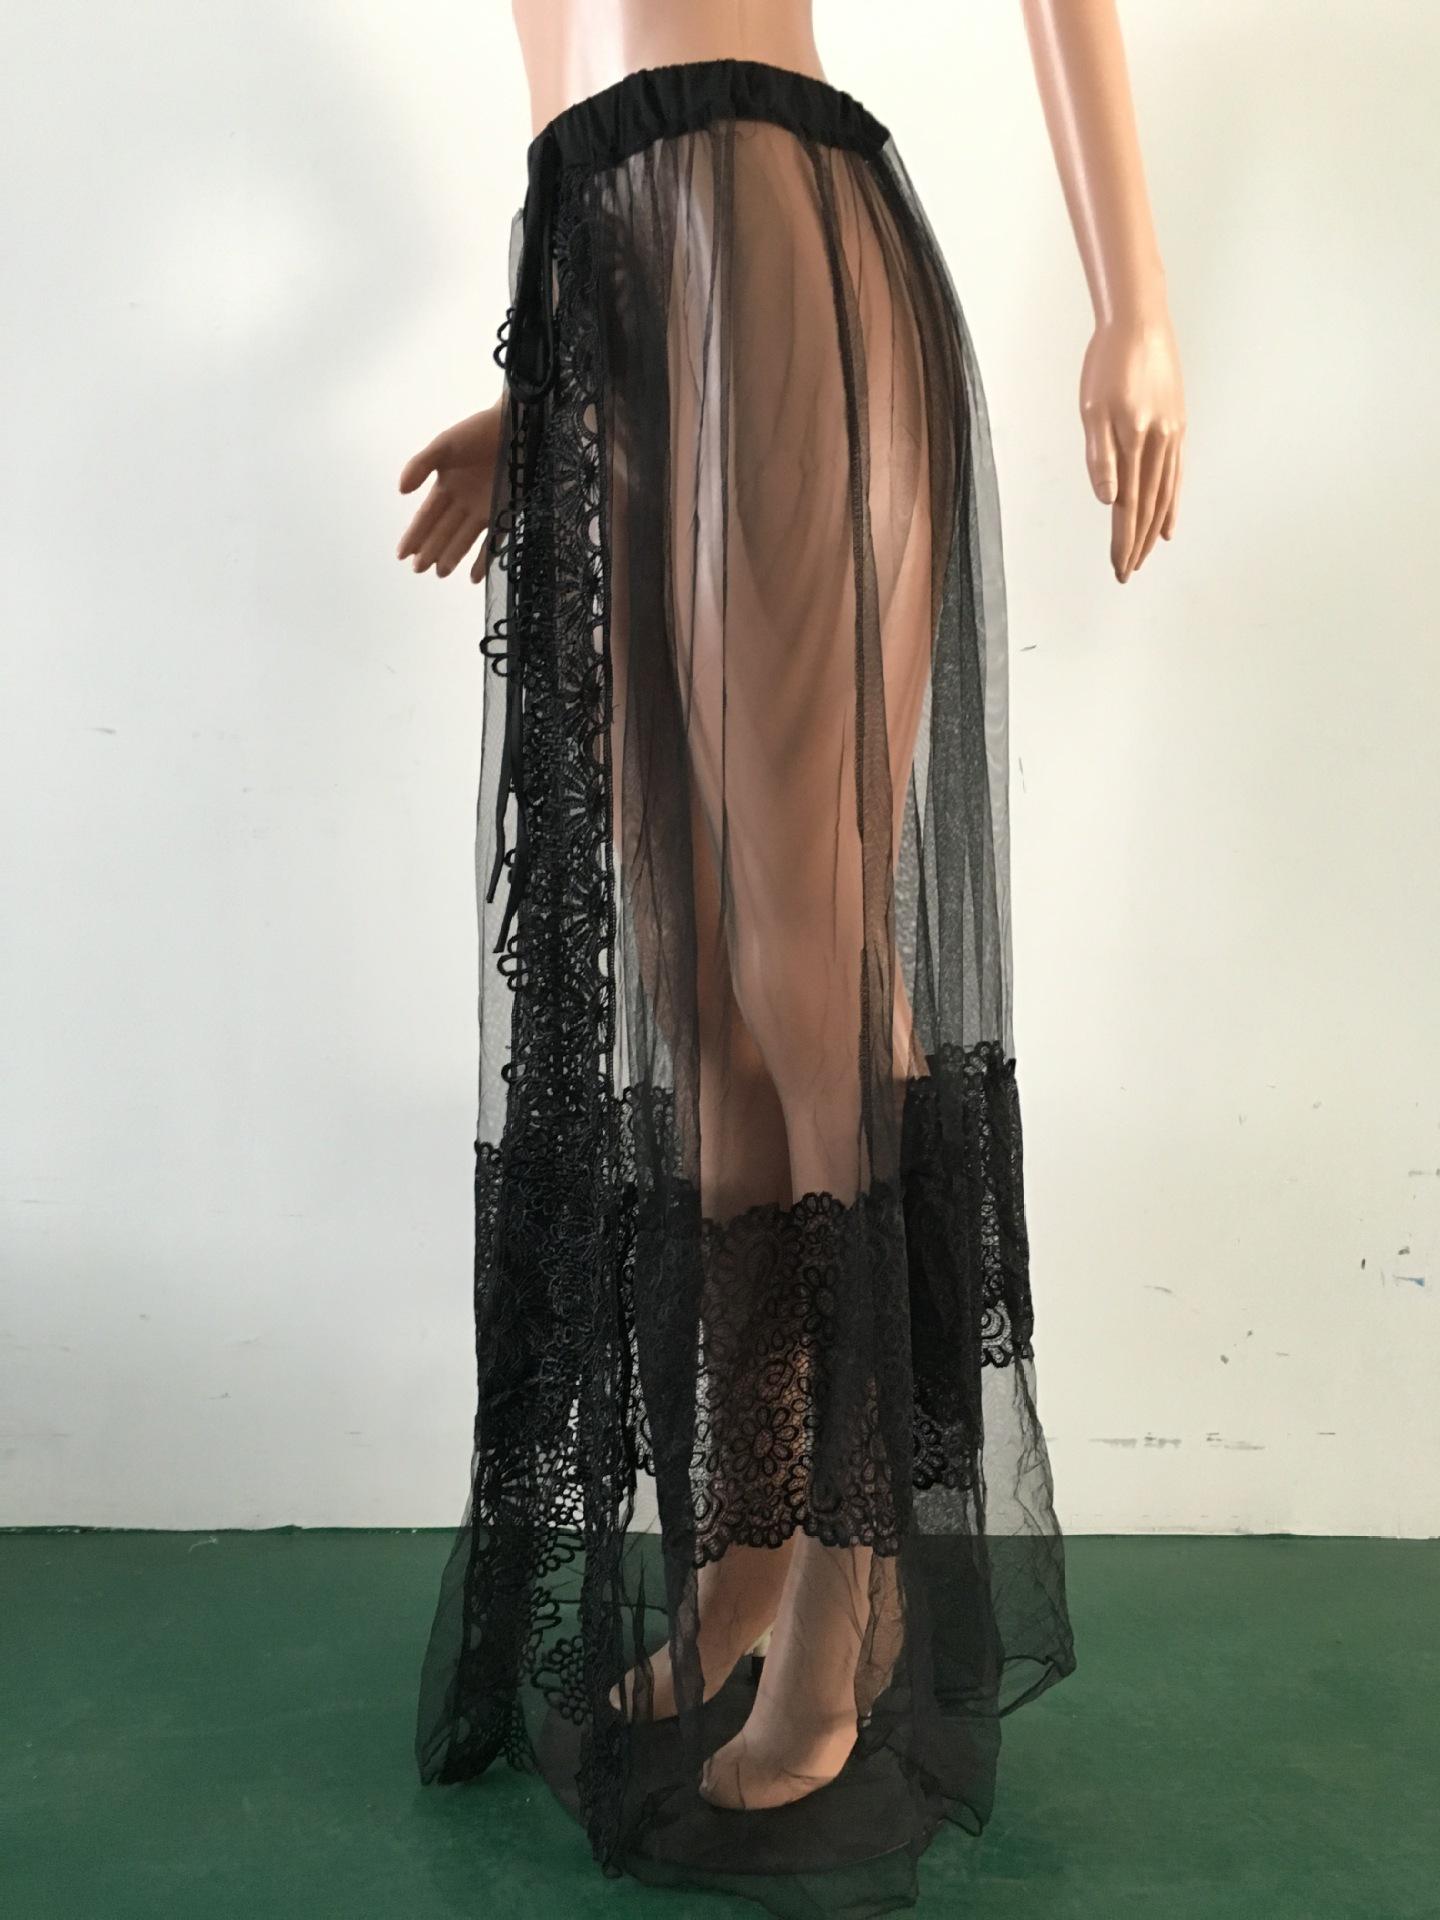 42690e92db US$ 6.4 - Black Sheer Mesh Beach Tied Skirt 25639-1 - www.global-lover.com